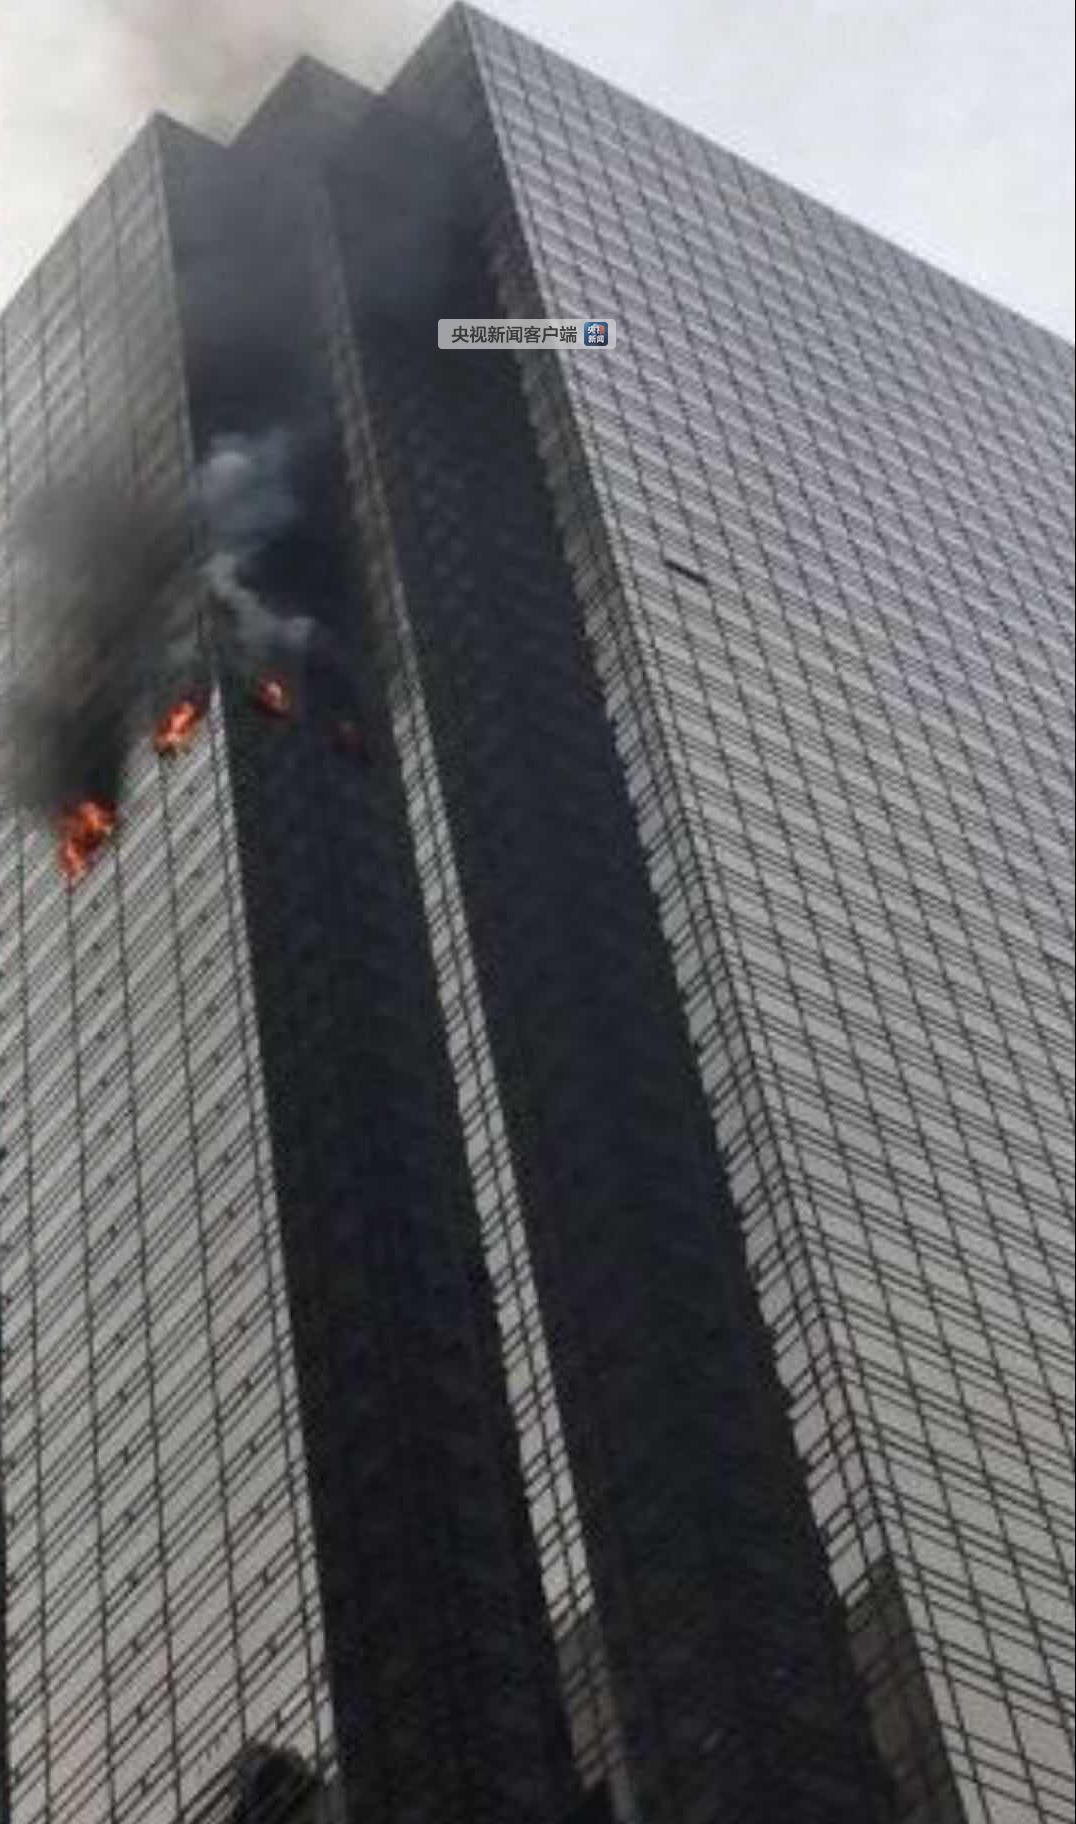 纽约特朗普大厦发生火灾:造成1死4伤 大火已扑灭